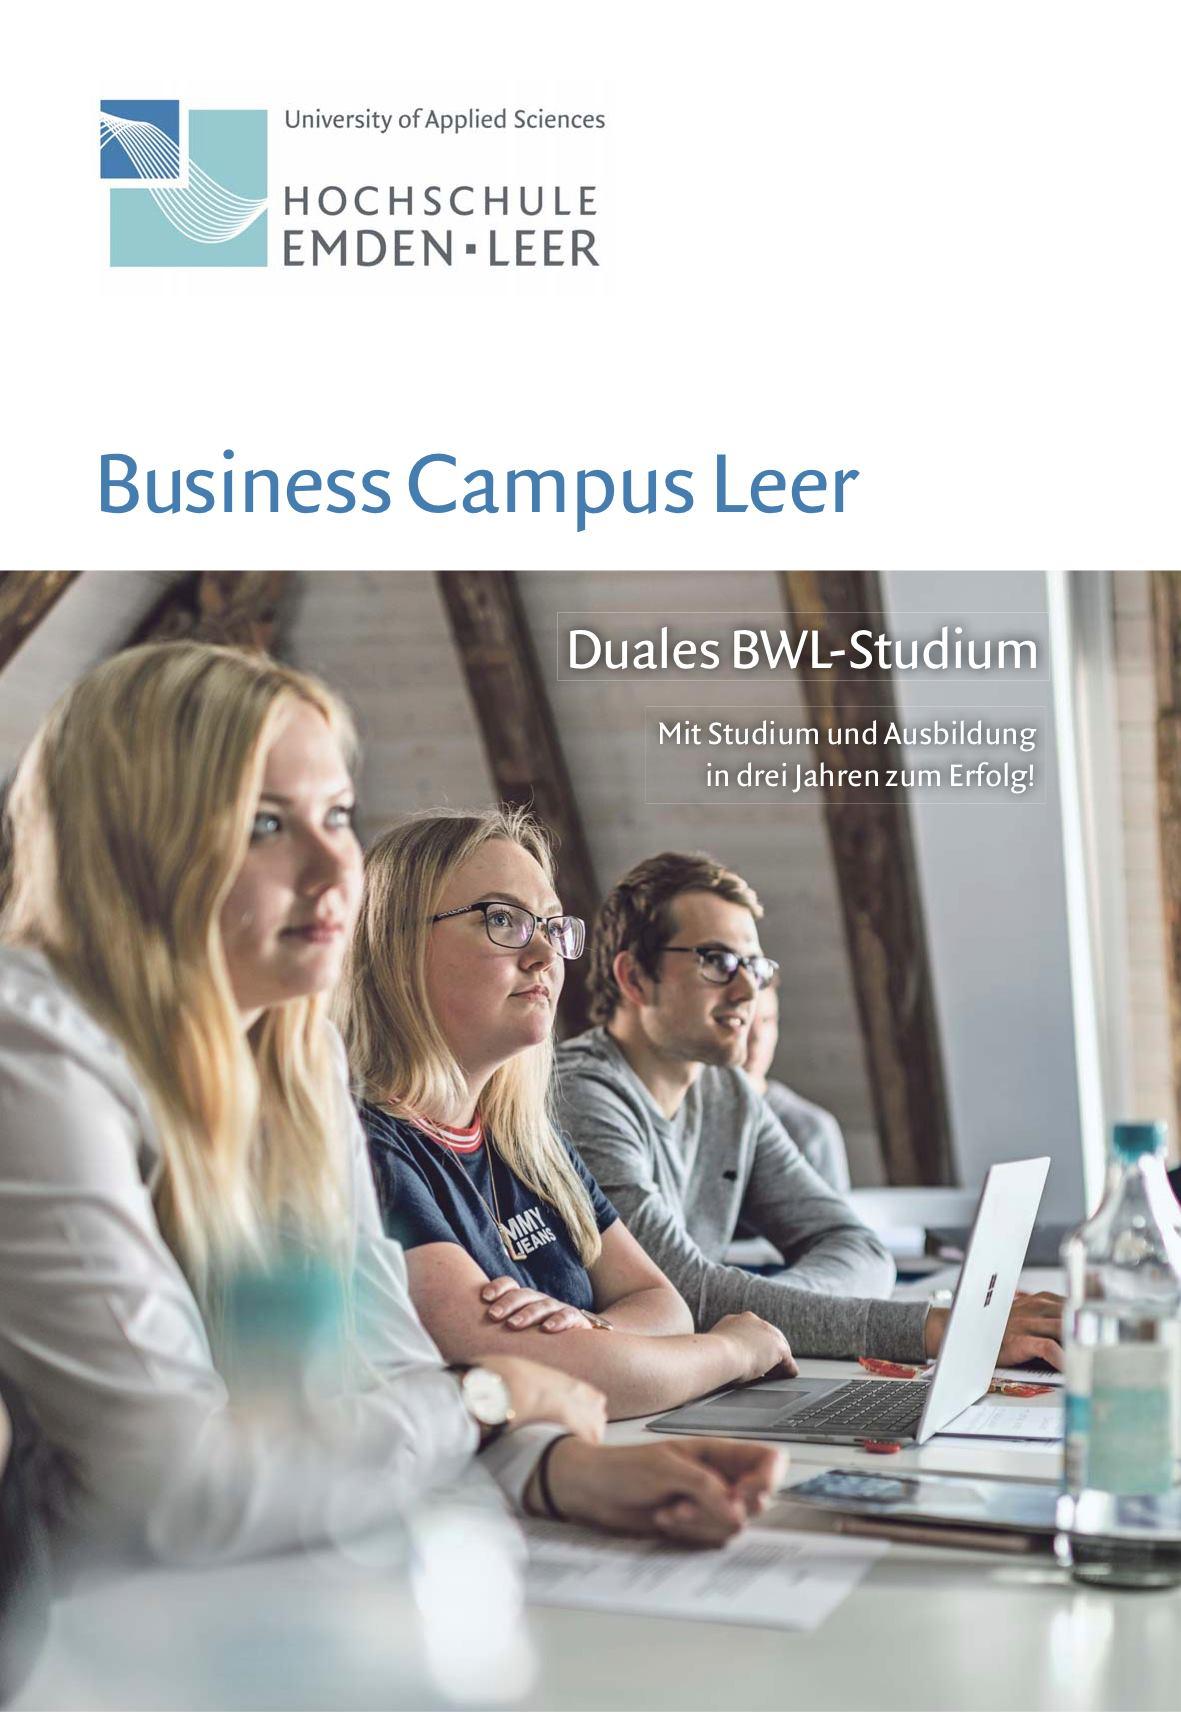 Magazin für den Business Campus Leer (BCL)